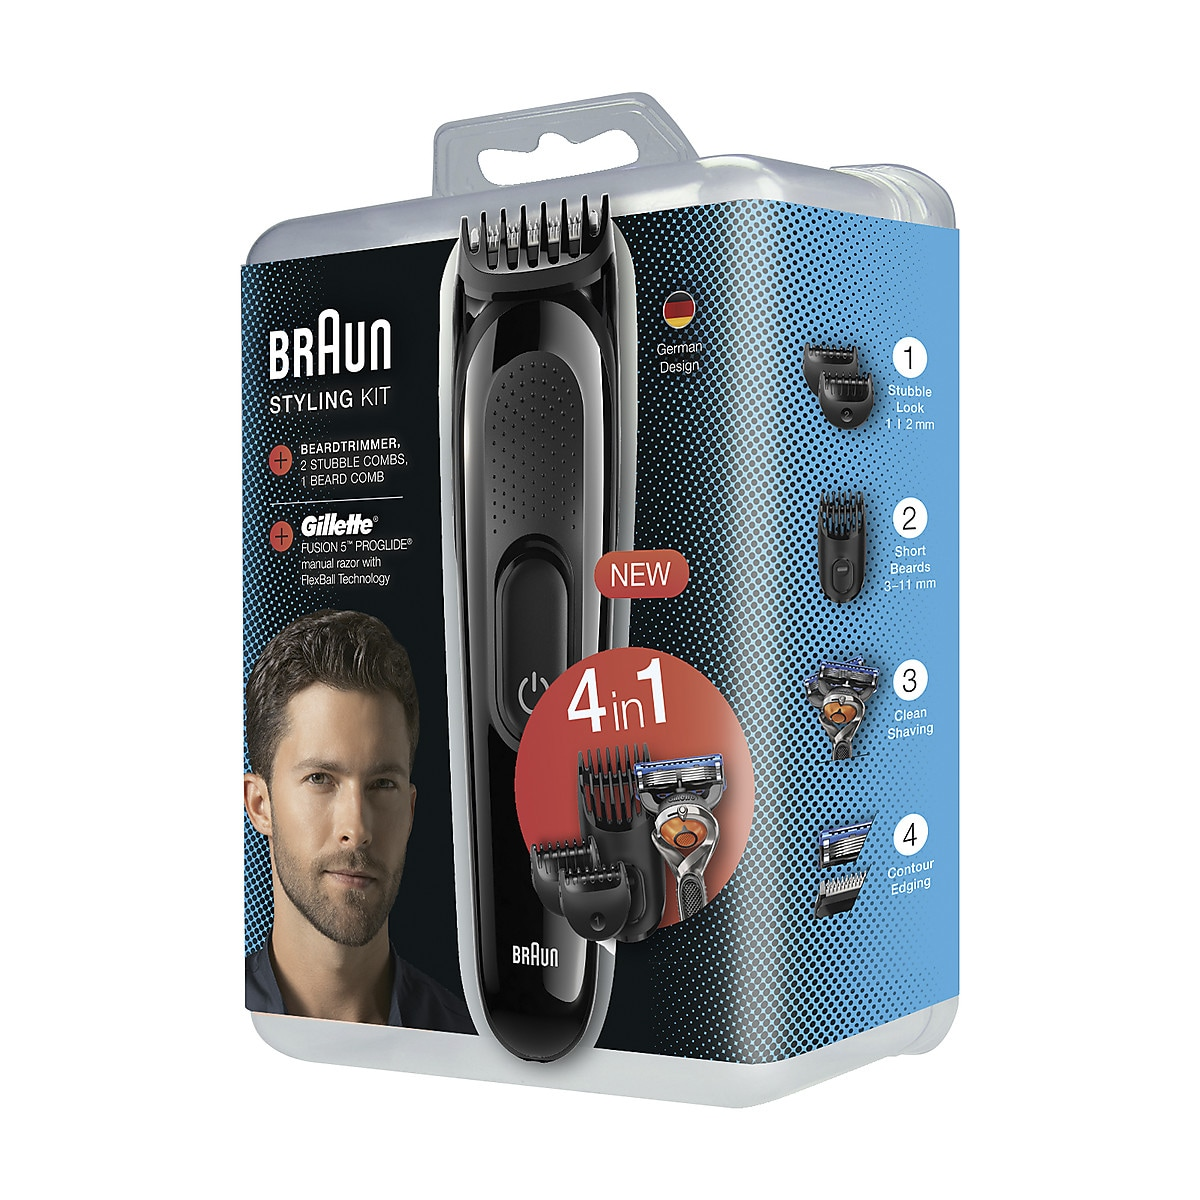 Multitrimmer Braun SK3000 4 i 1 Styling Kit